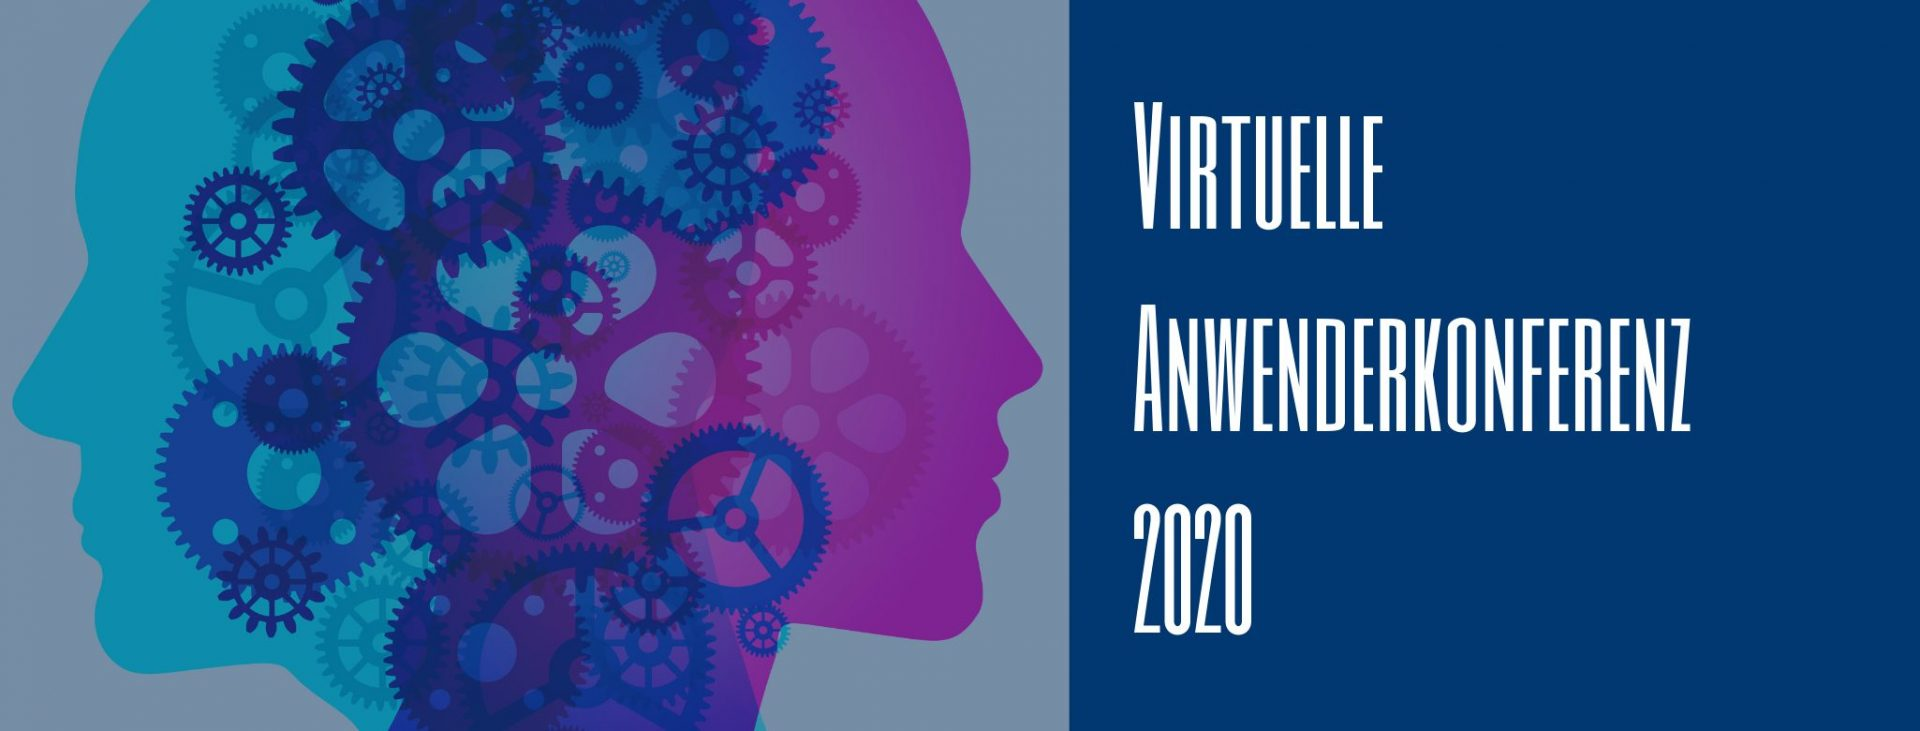 Nissen & Velten Anwenderkonferenz 2020